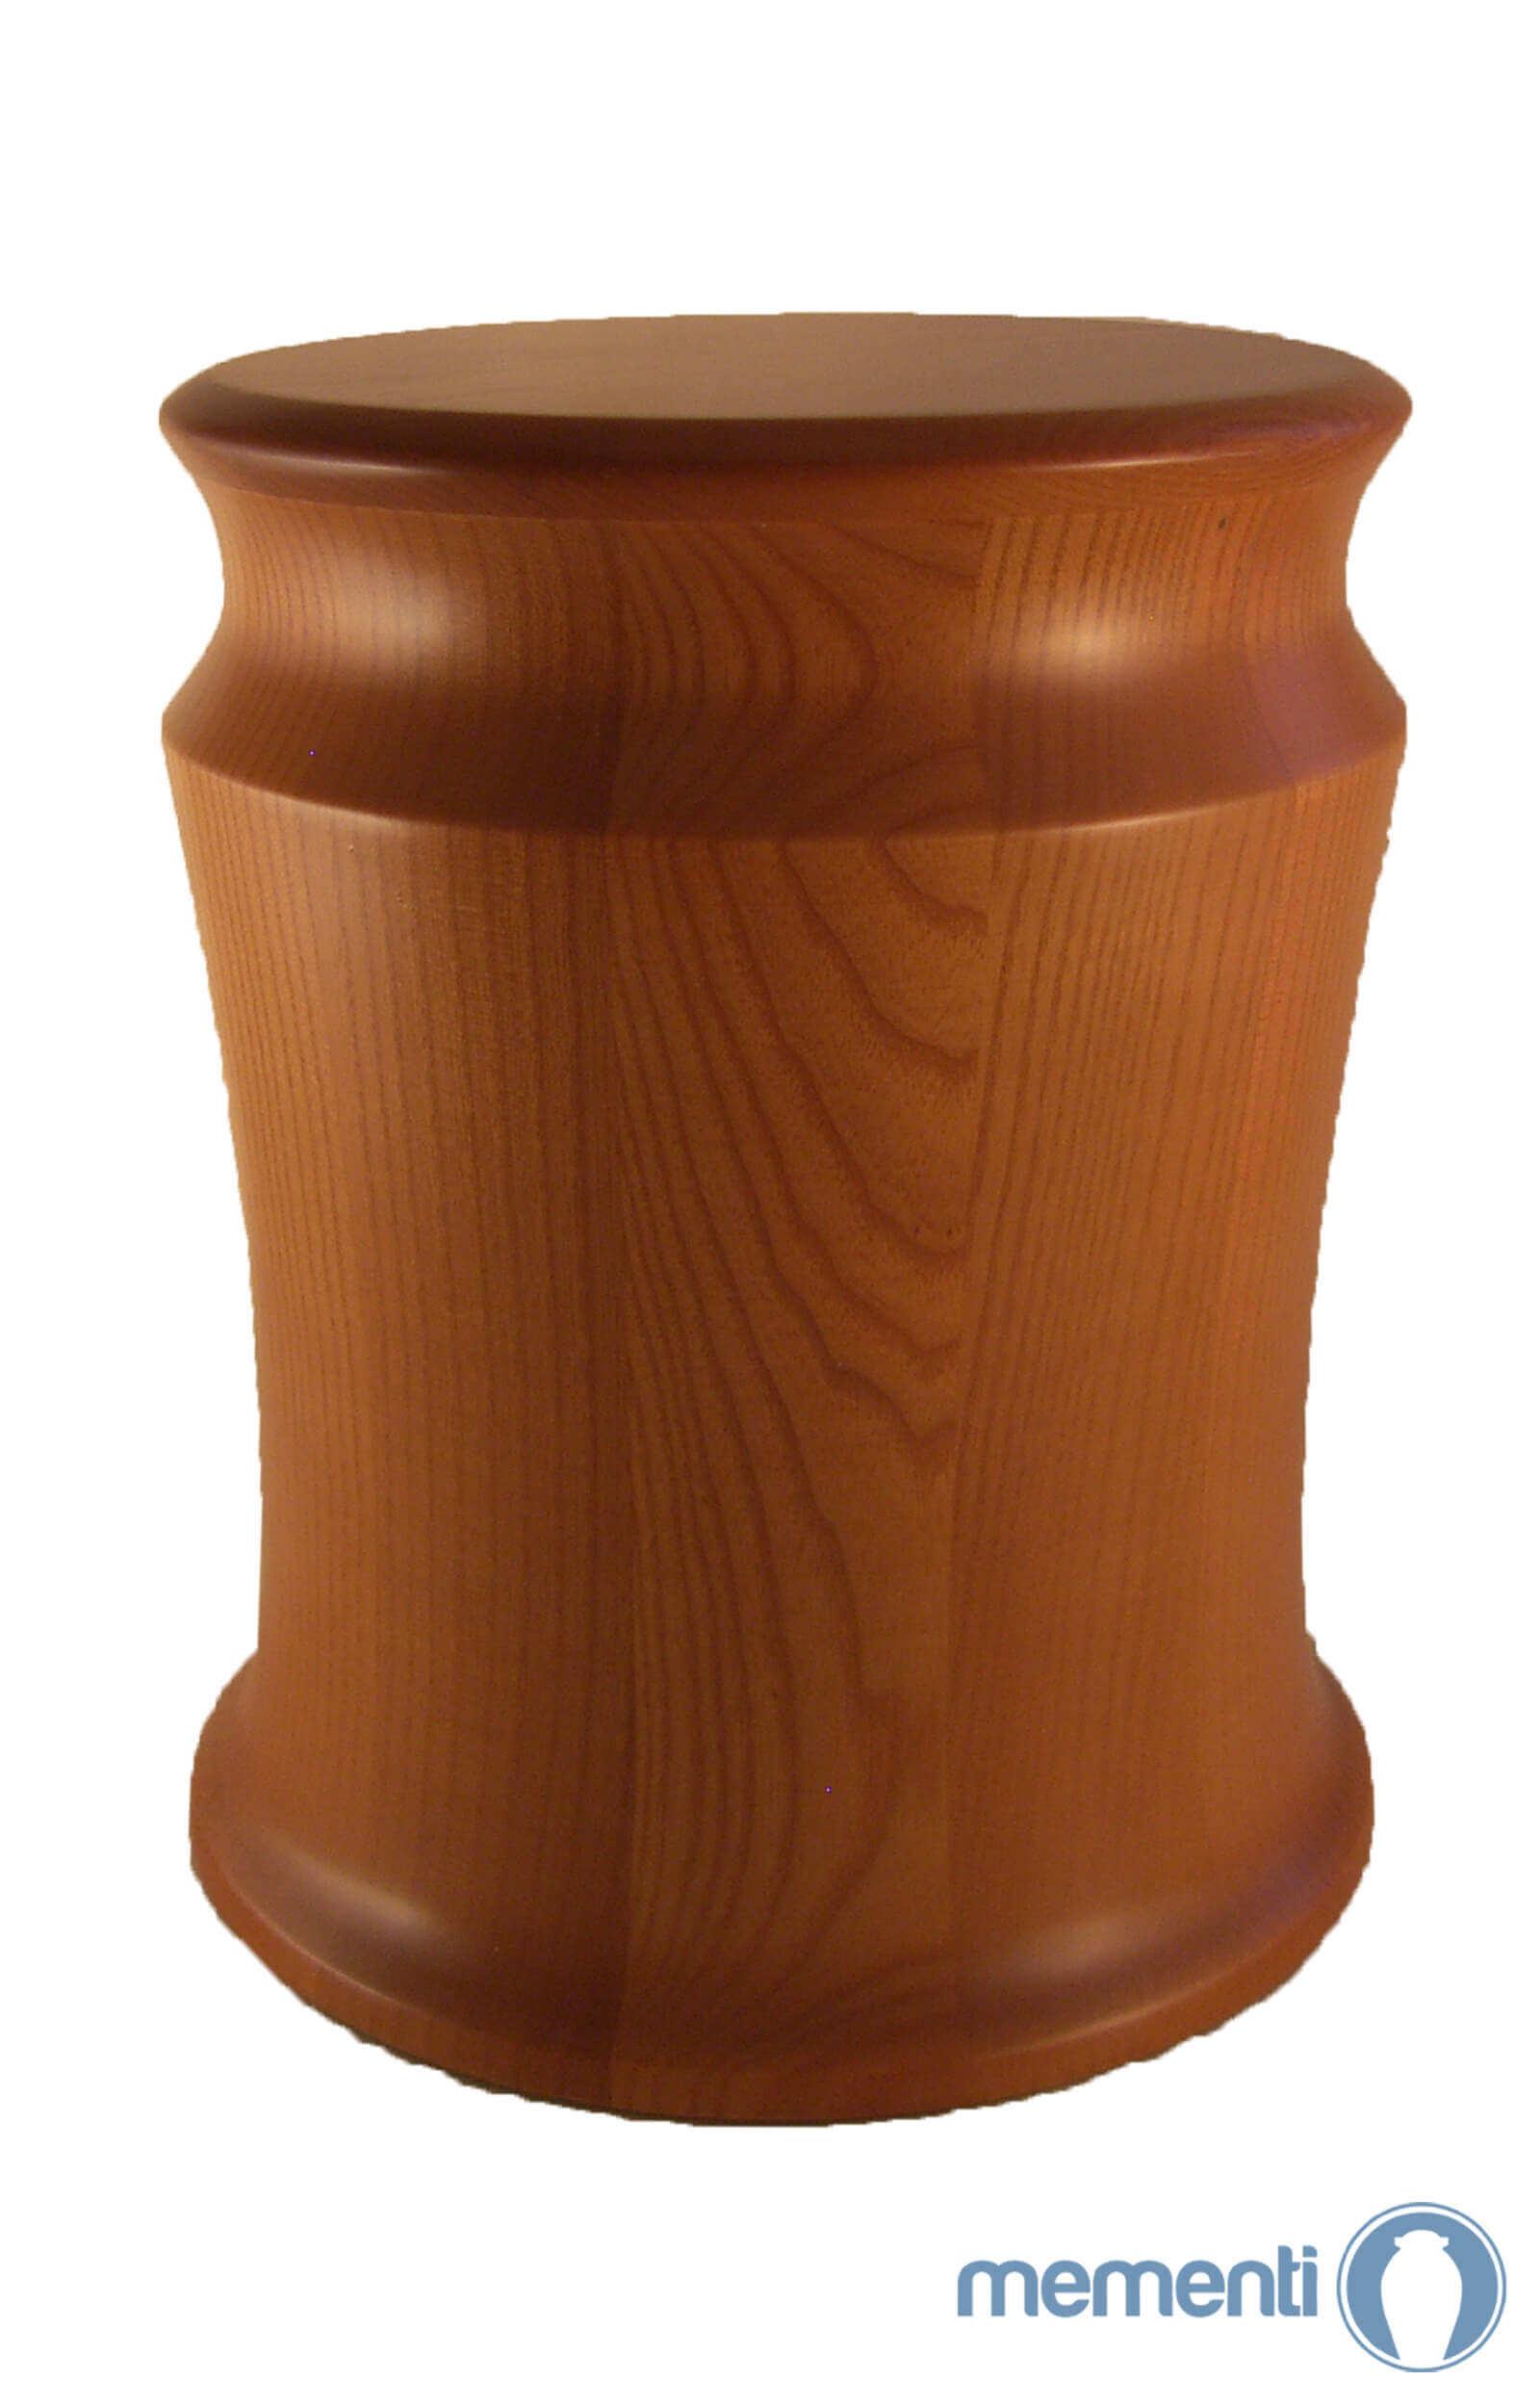 en HR06 dark ash tree wooden urn